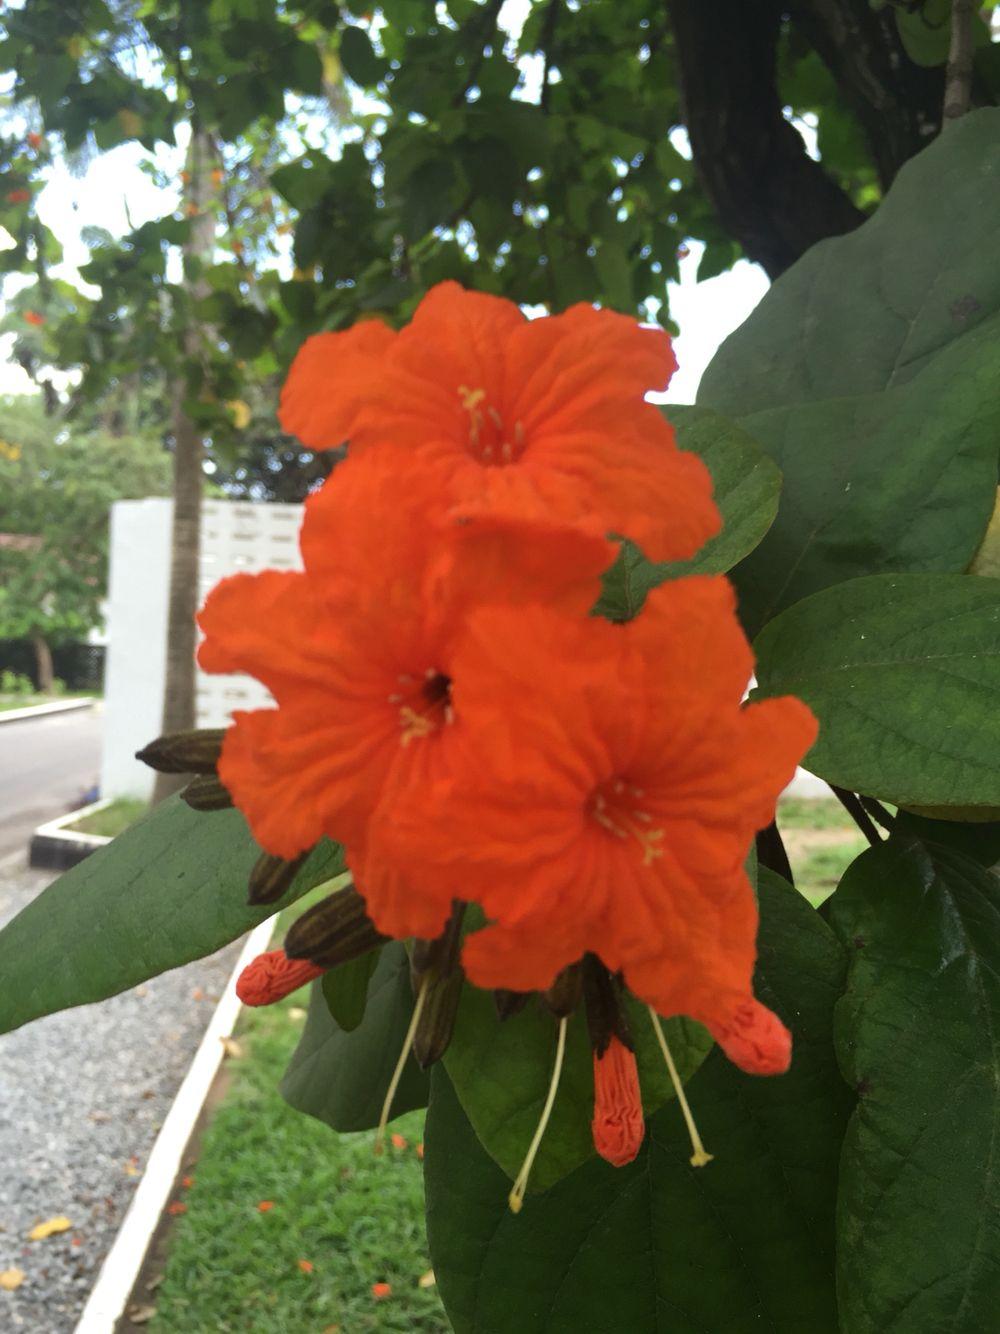 Stunning Orange Flower In Accra Ghana Orange Flowers Paper Flowers Flowers